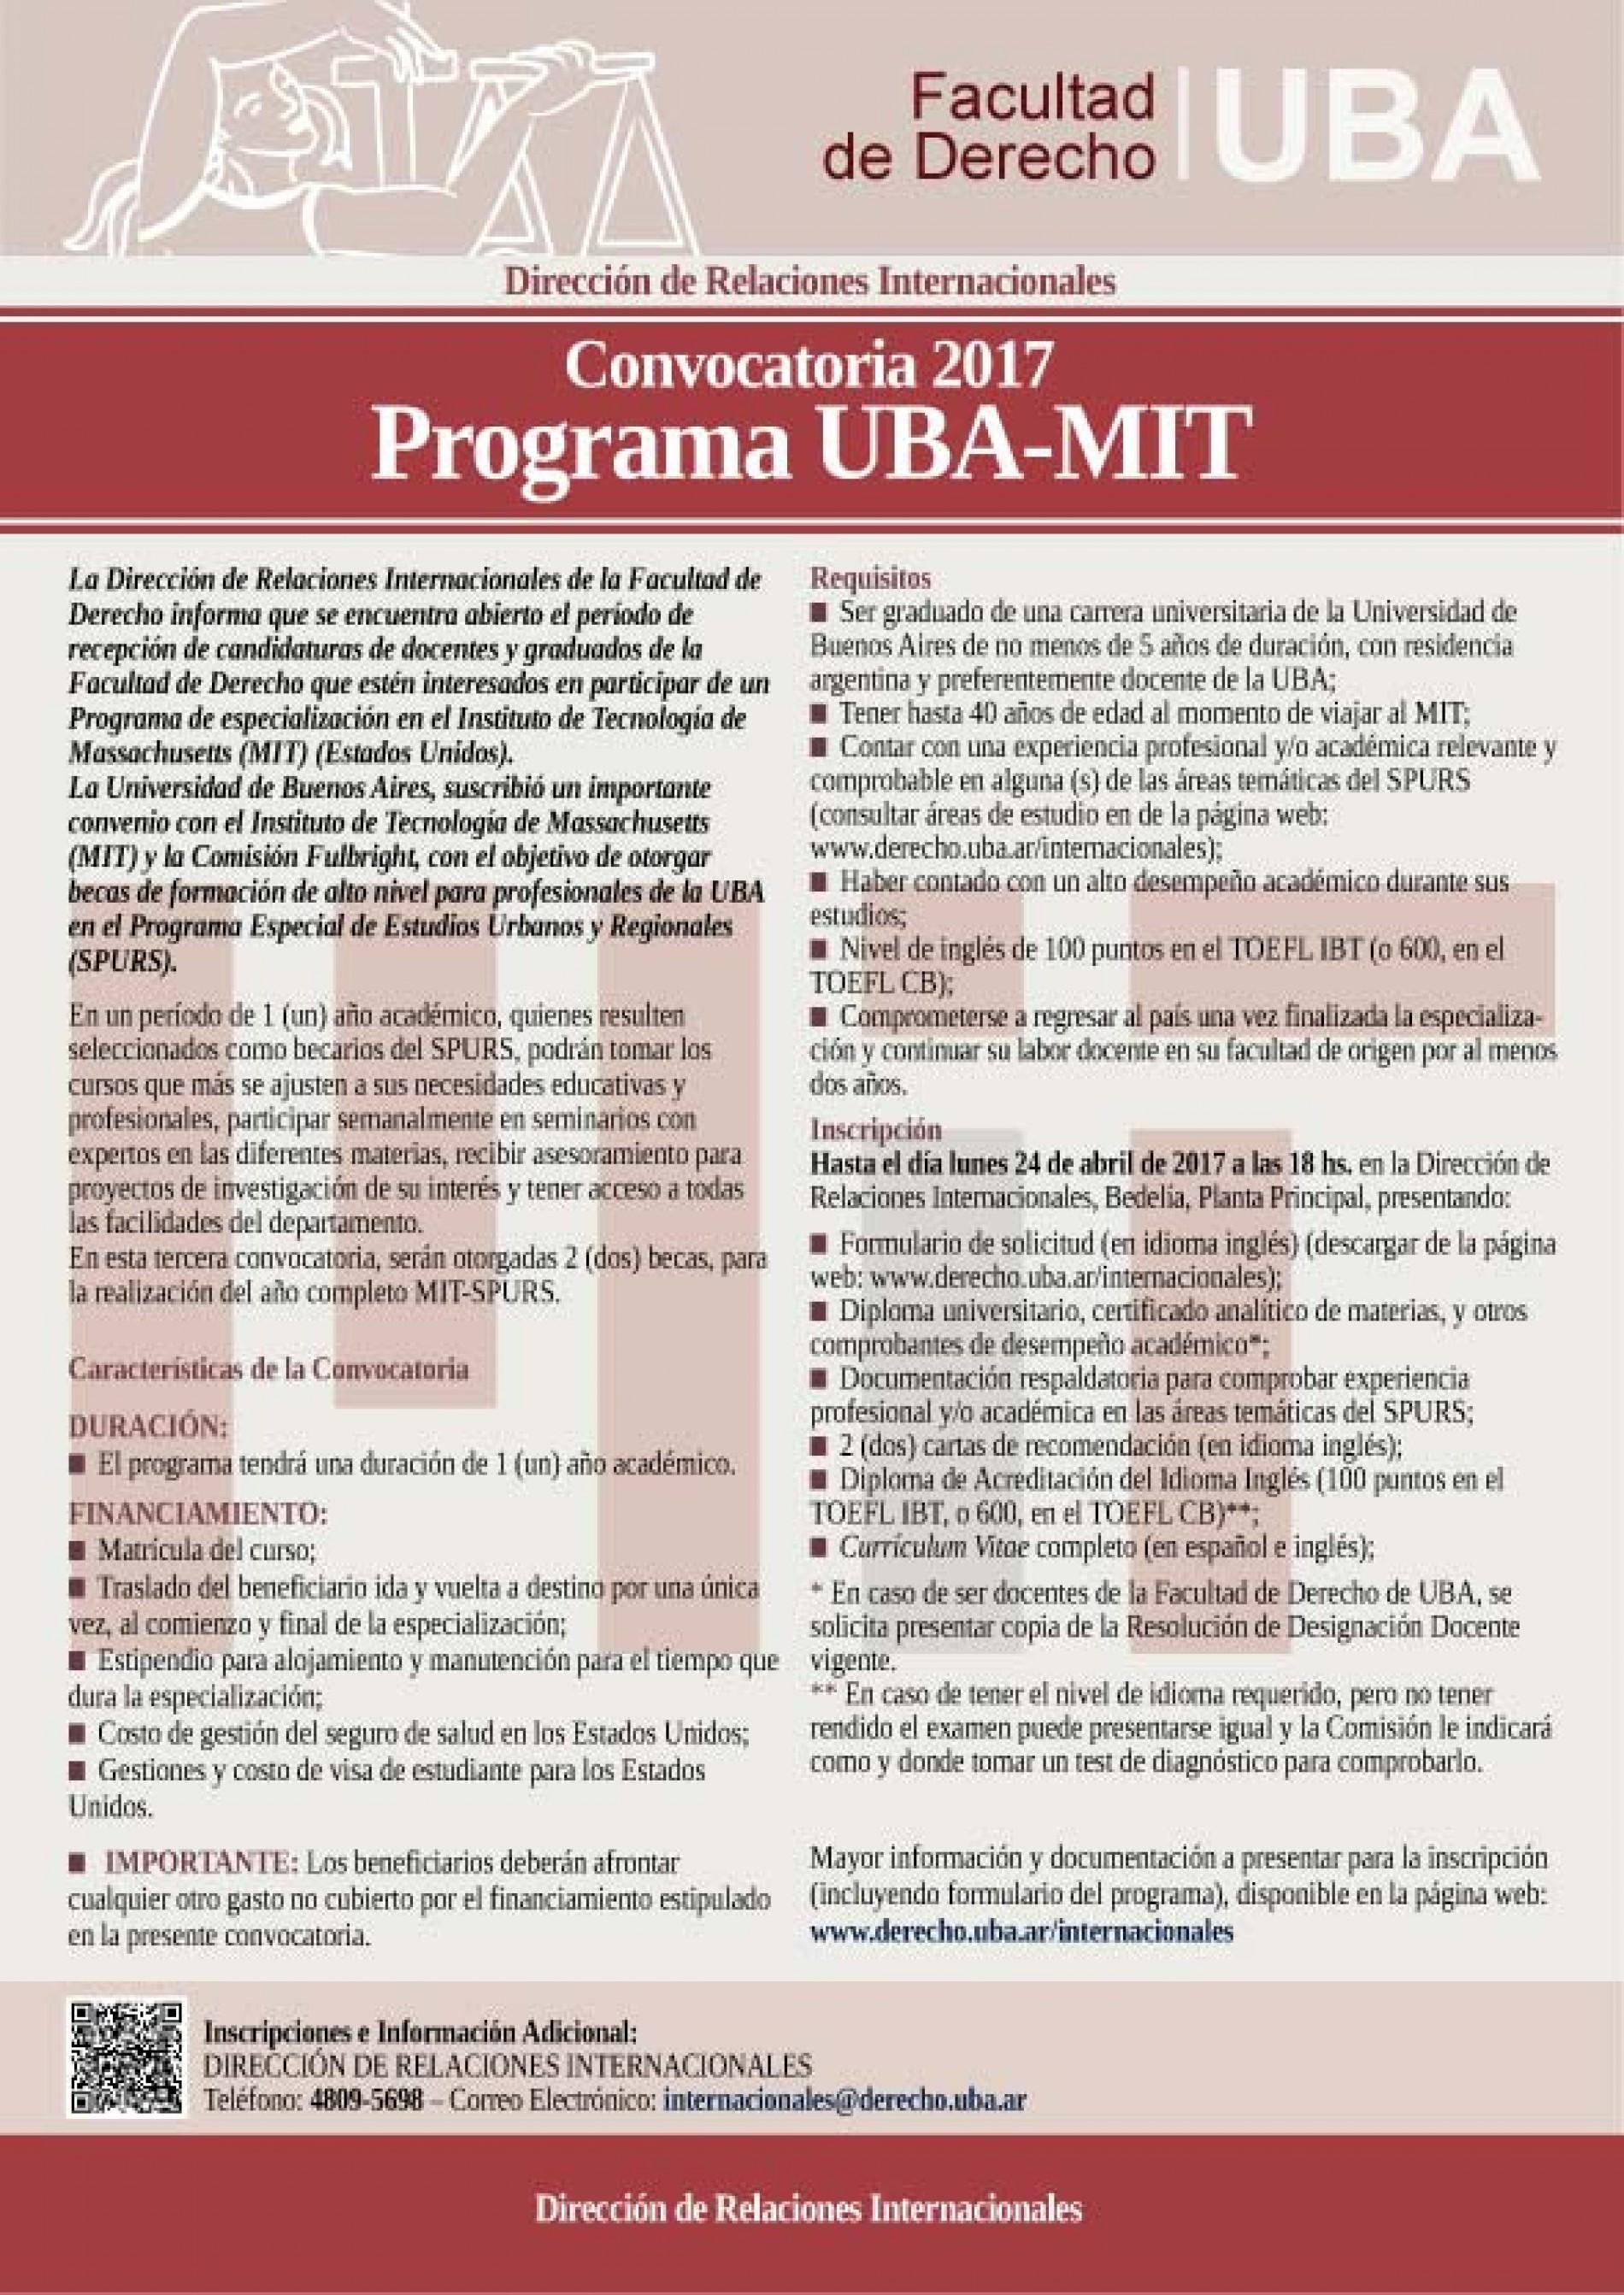 Convocatoria 2017 del Programa UBA-MIT